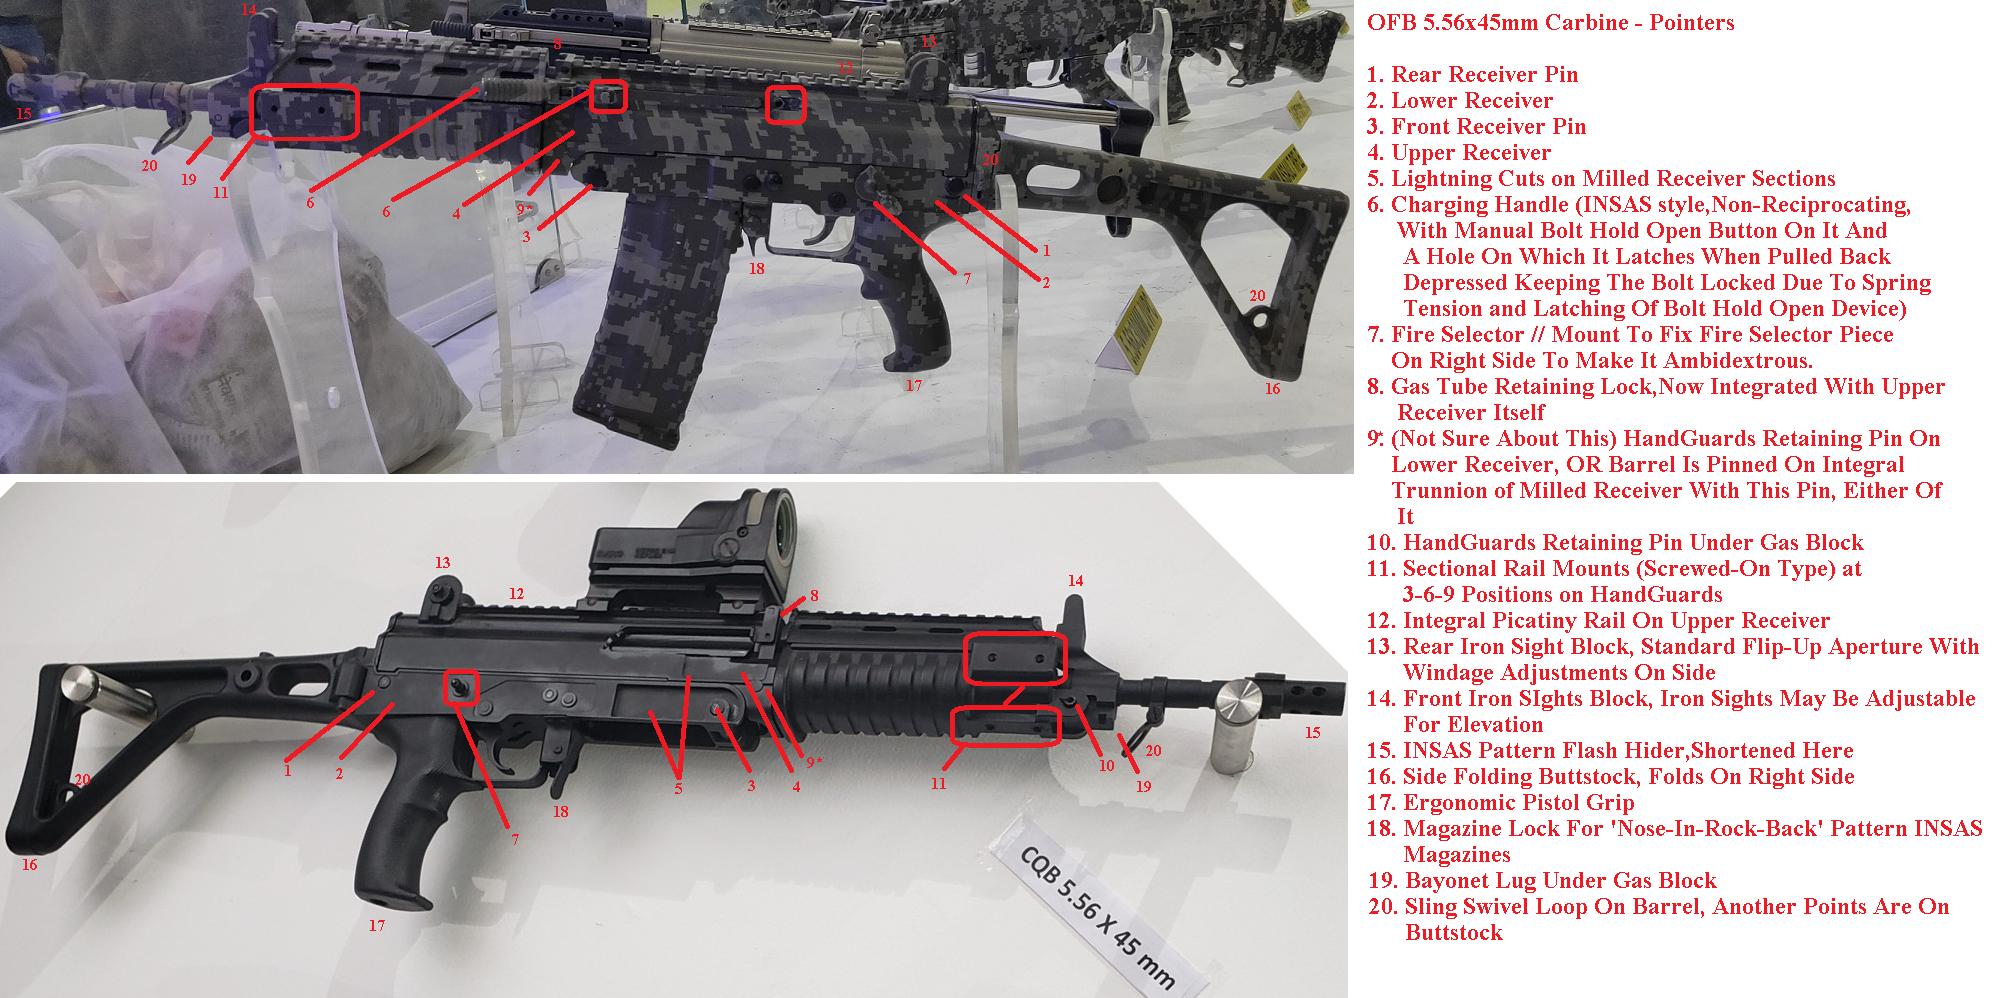 OFB_Carbine_Details.png